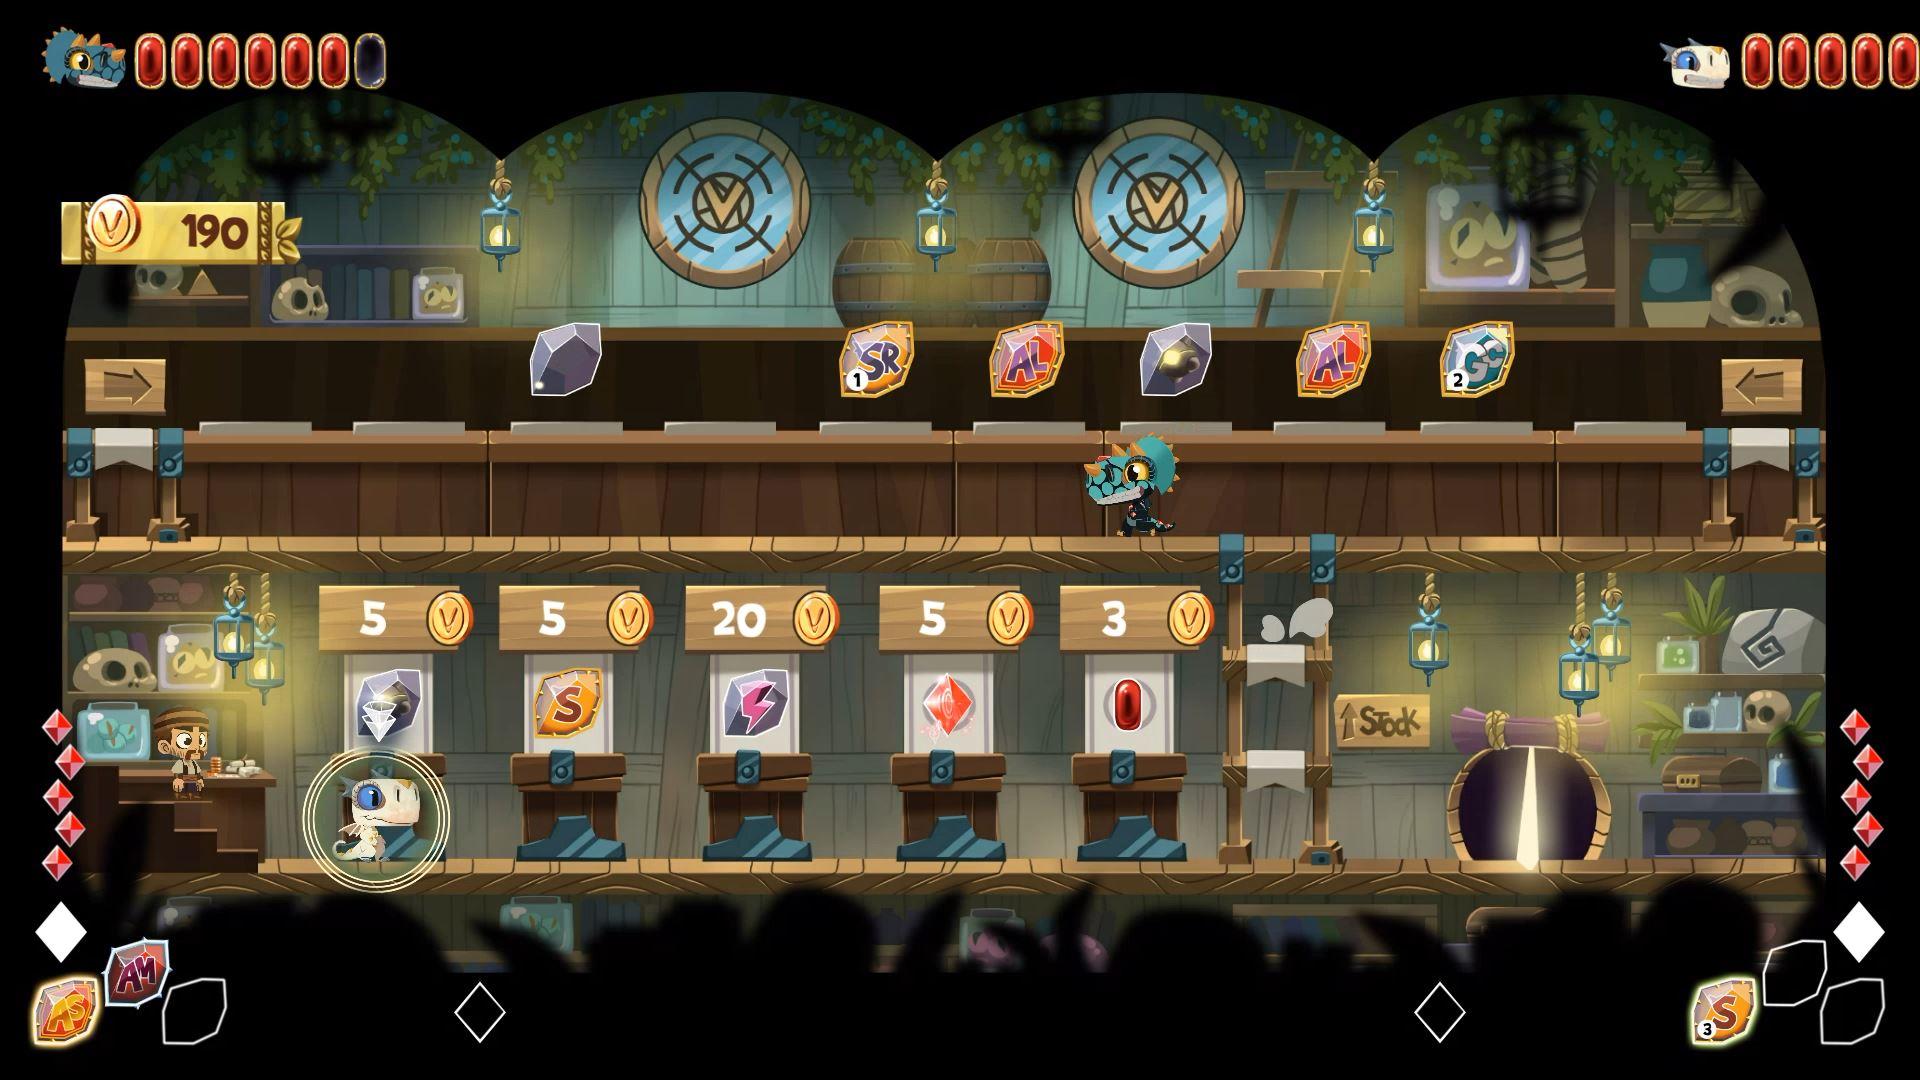 DragoDino Screenshot 1